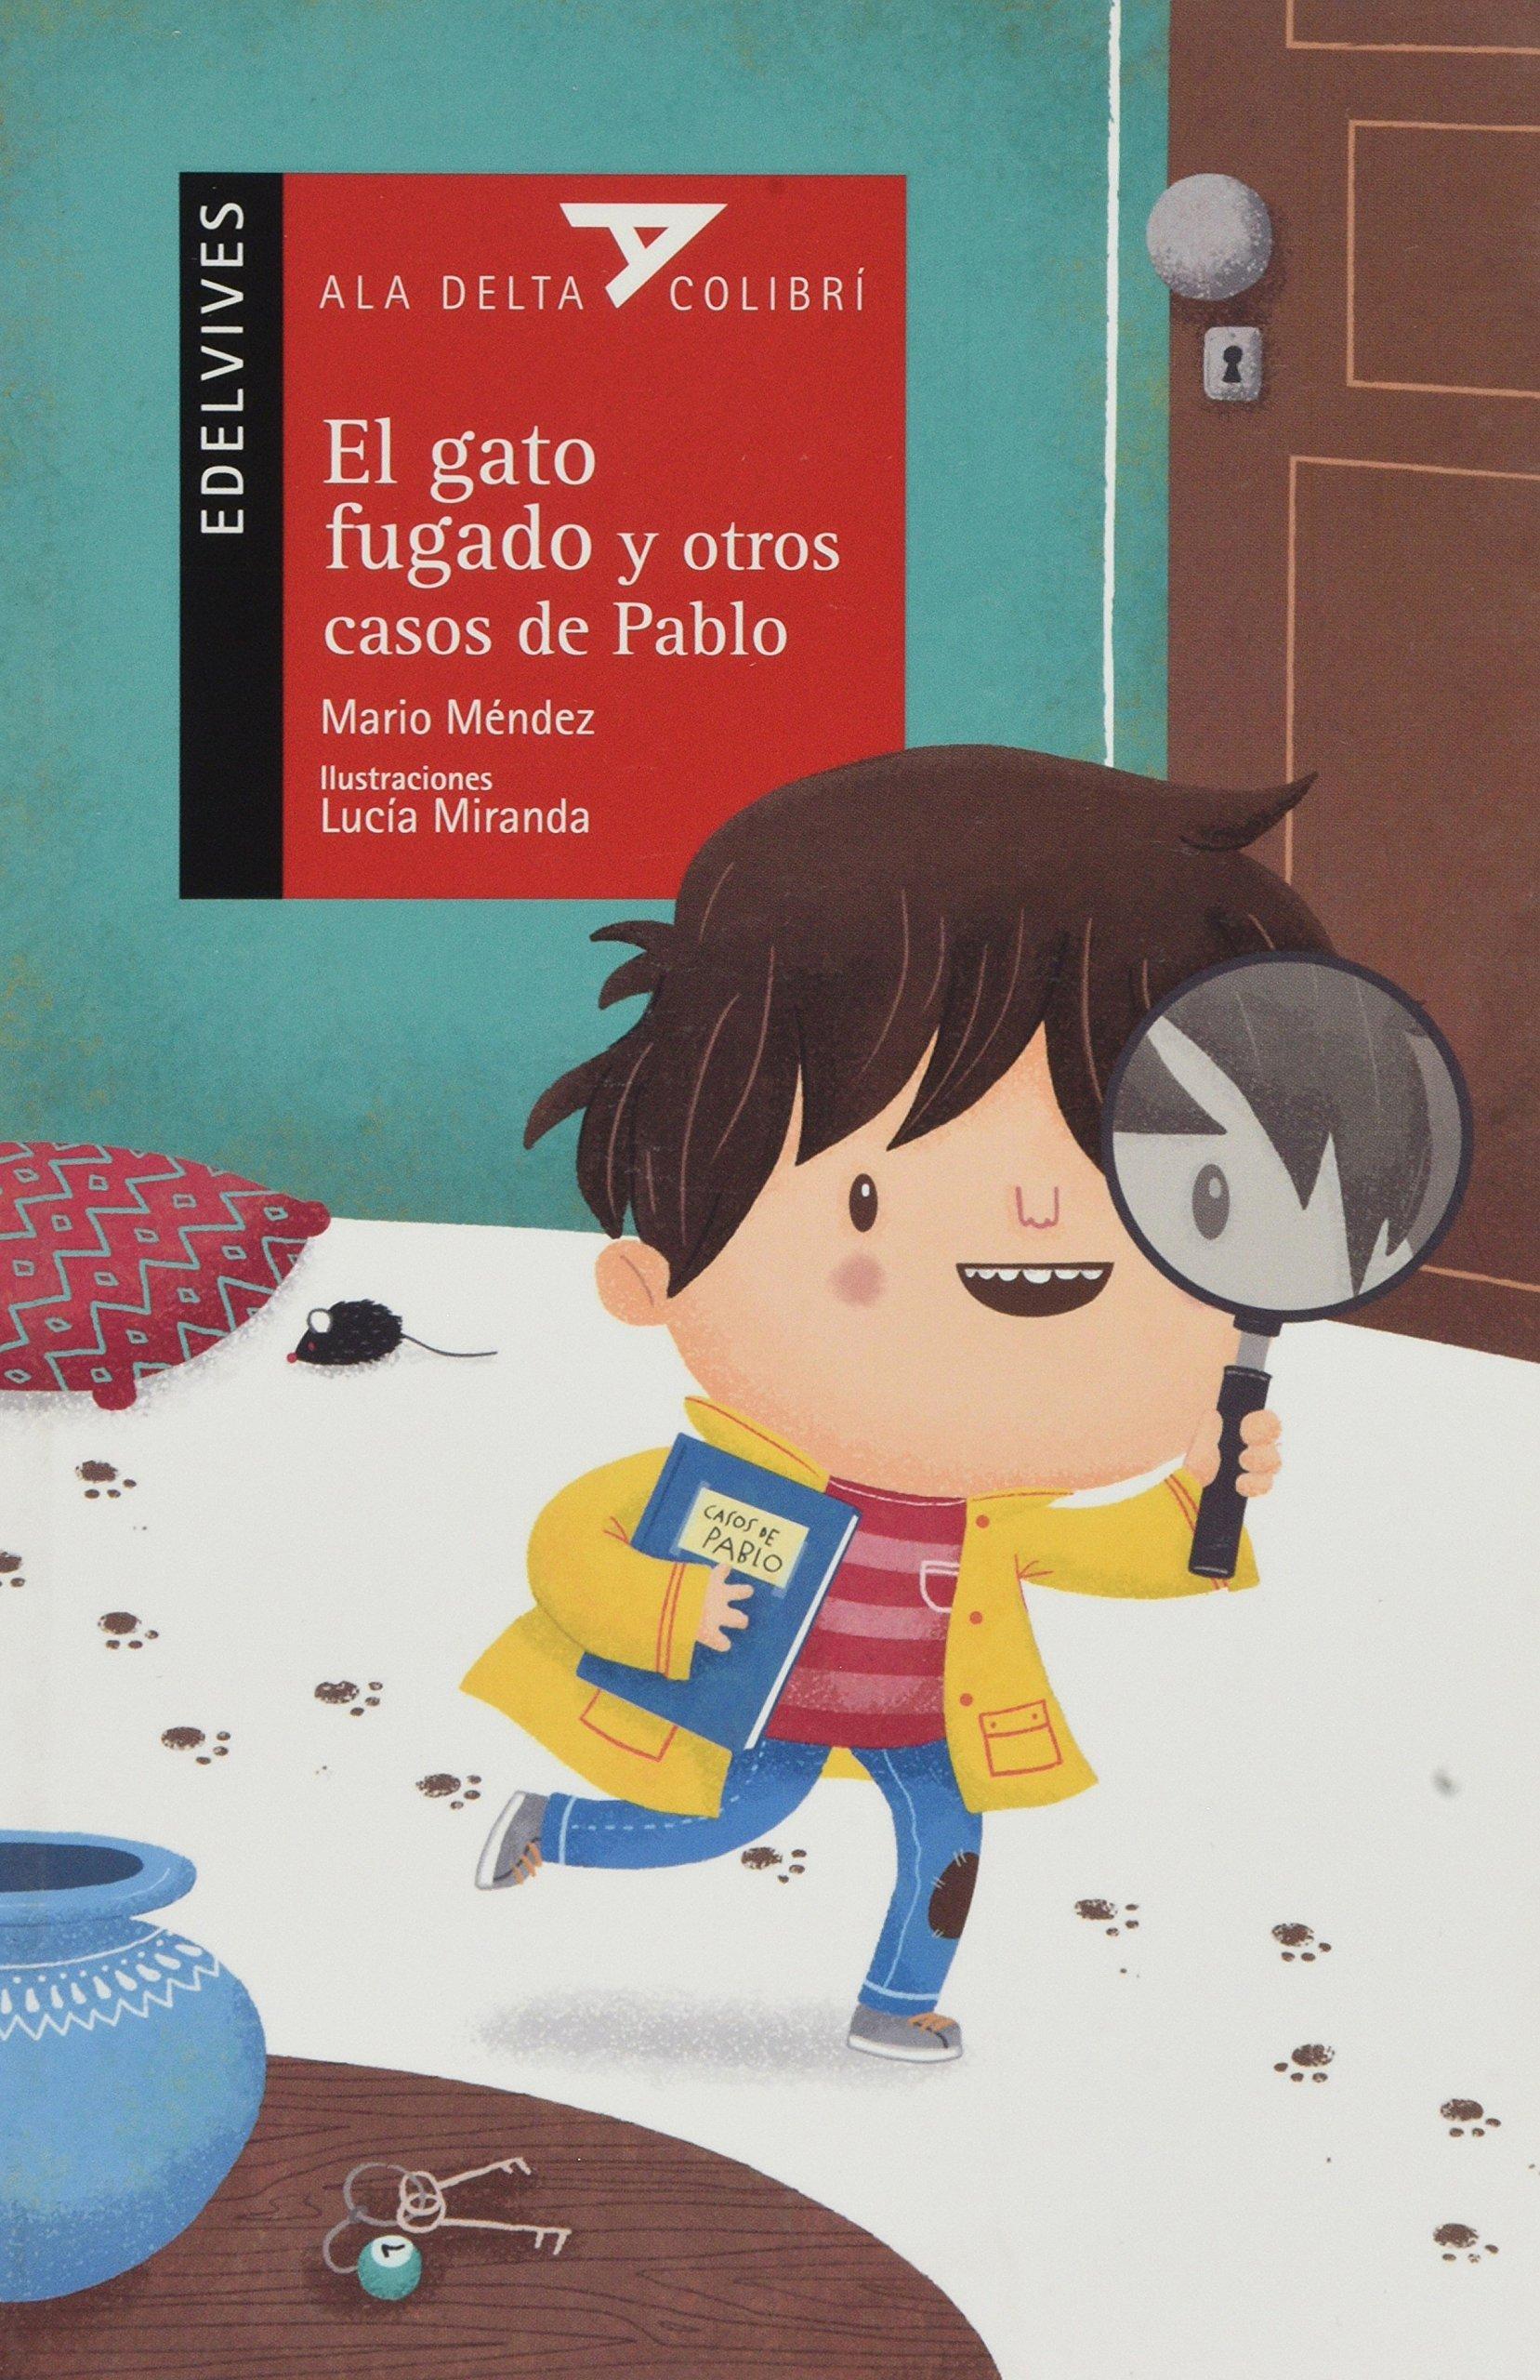 El gato fugado y otros casos de Pablo (Spanish Edition) (Spanish) Paperback – February 5, 2018